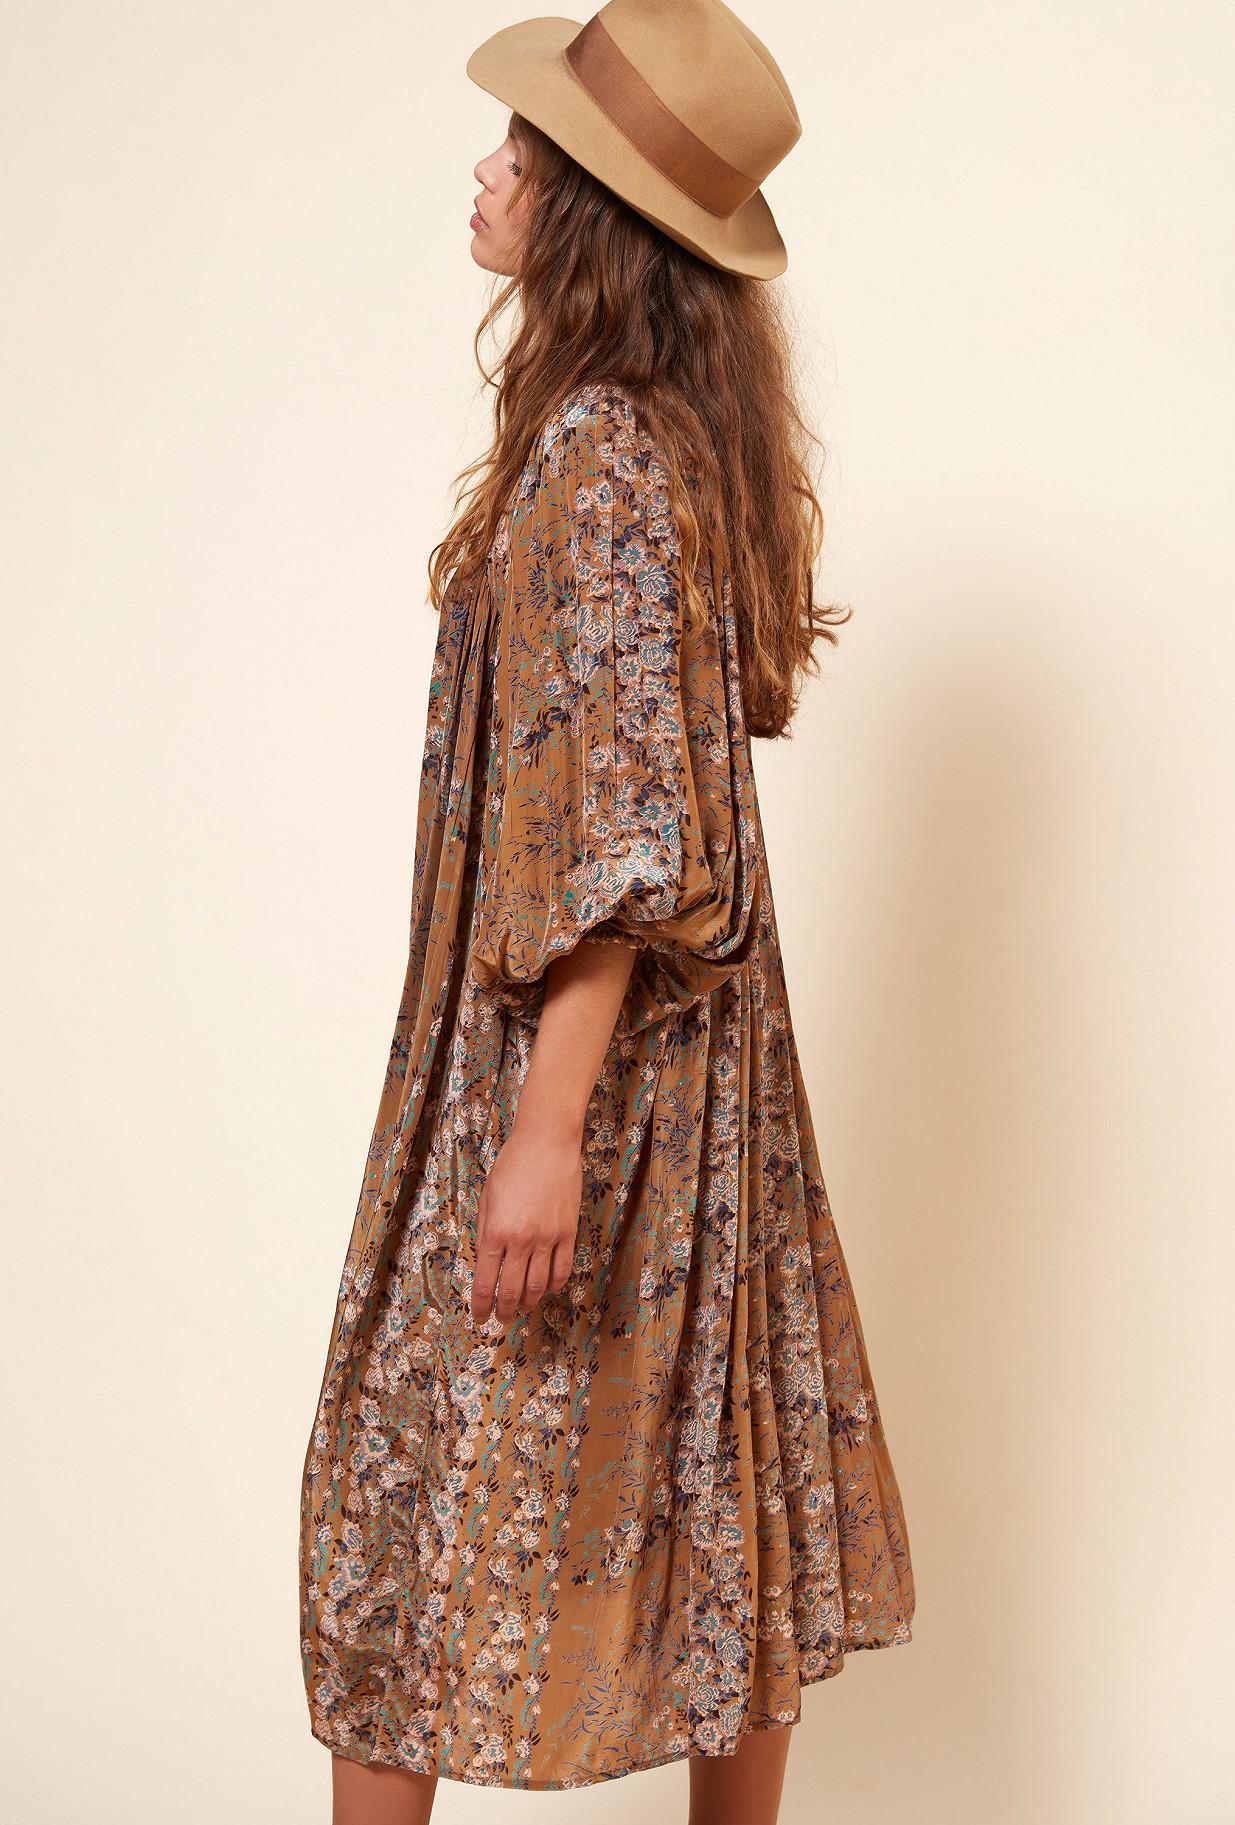 Floral print Dress Jalon Mes Demoiselles Paris